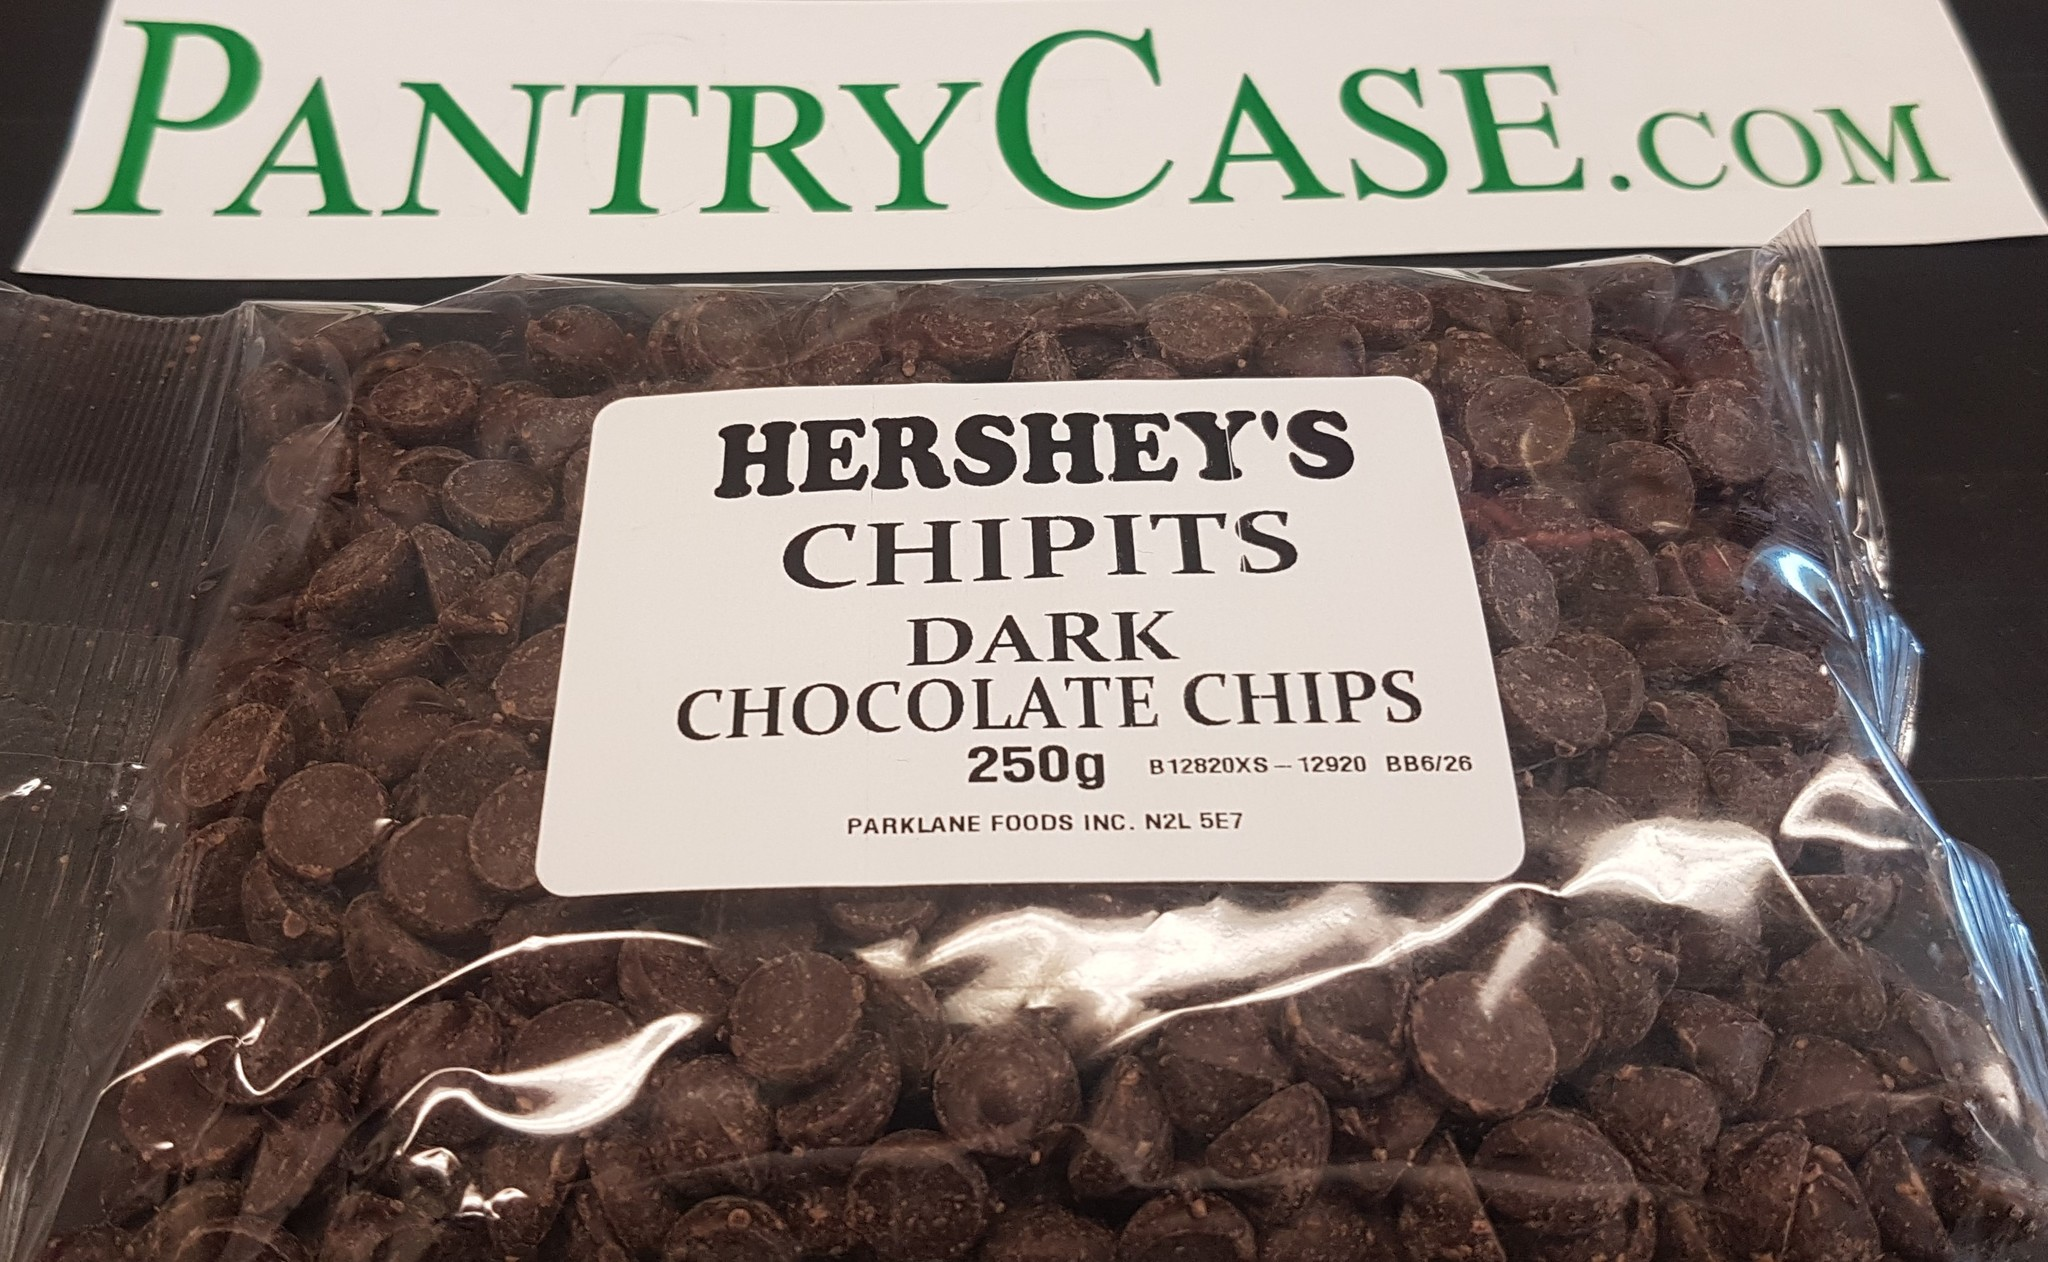 Hershey's Hershey's Chipits Dark Chocolate Chips 250g